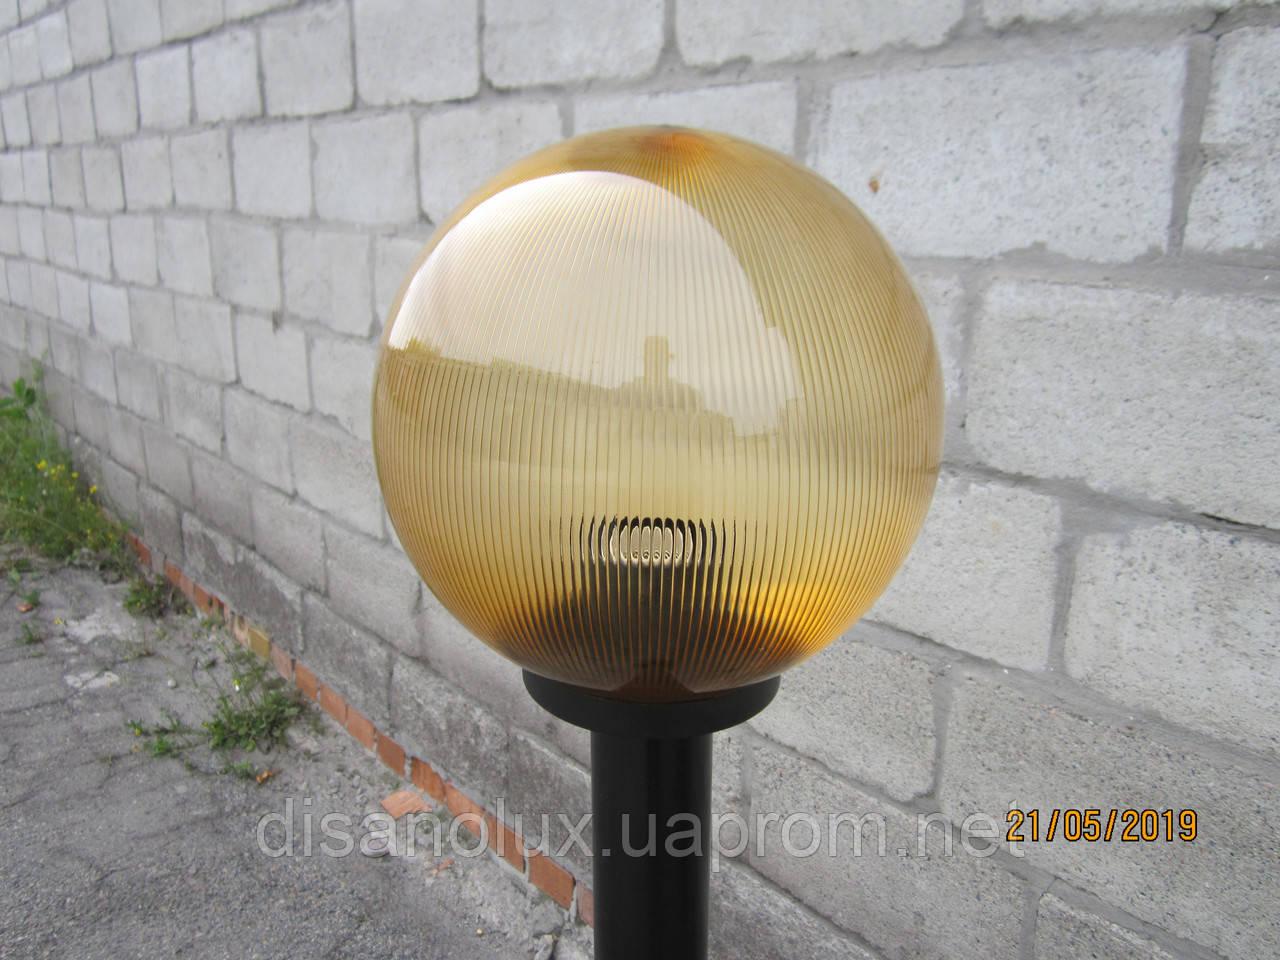 """Светильник парковый уличный """"Столб"""" 0.50 м  труба и шар φ200  золото призматик  IP44"""